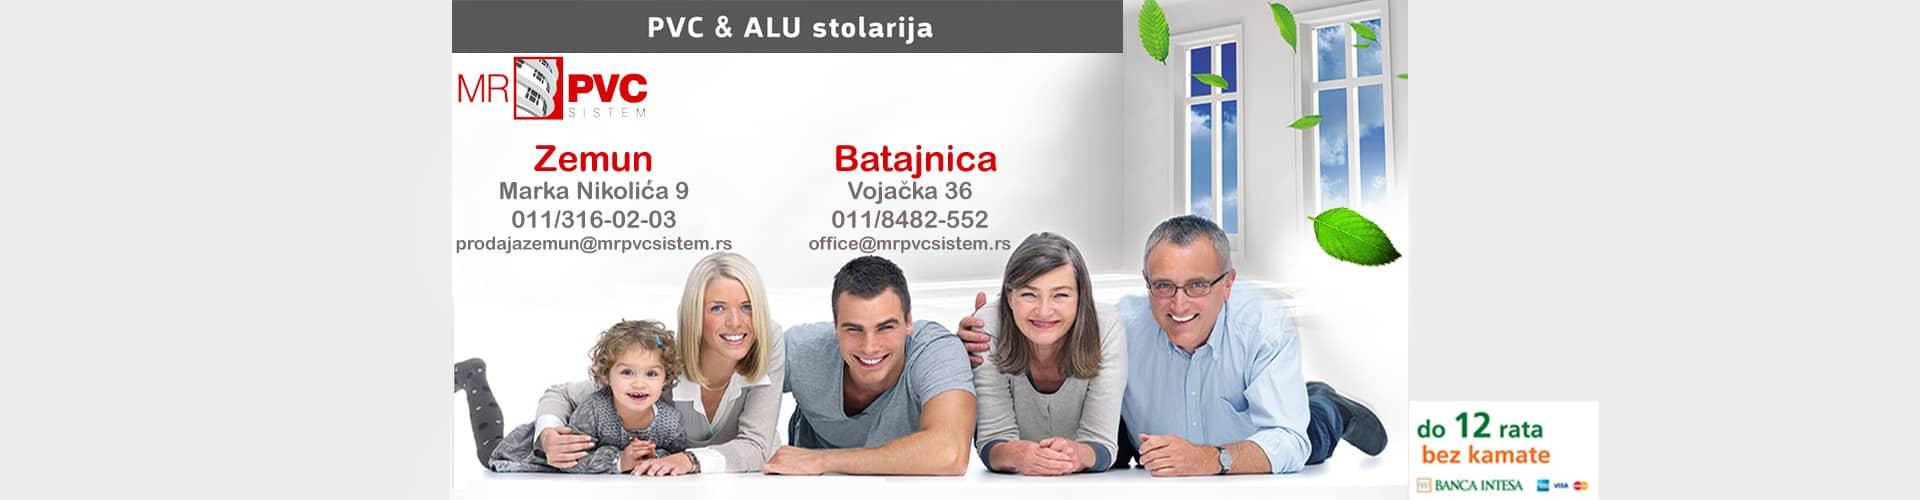 PVC i ALU stolarija MR PVC lokacije u Zemunu i Batajnici